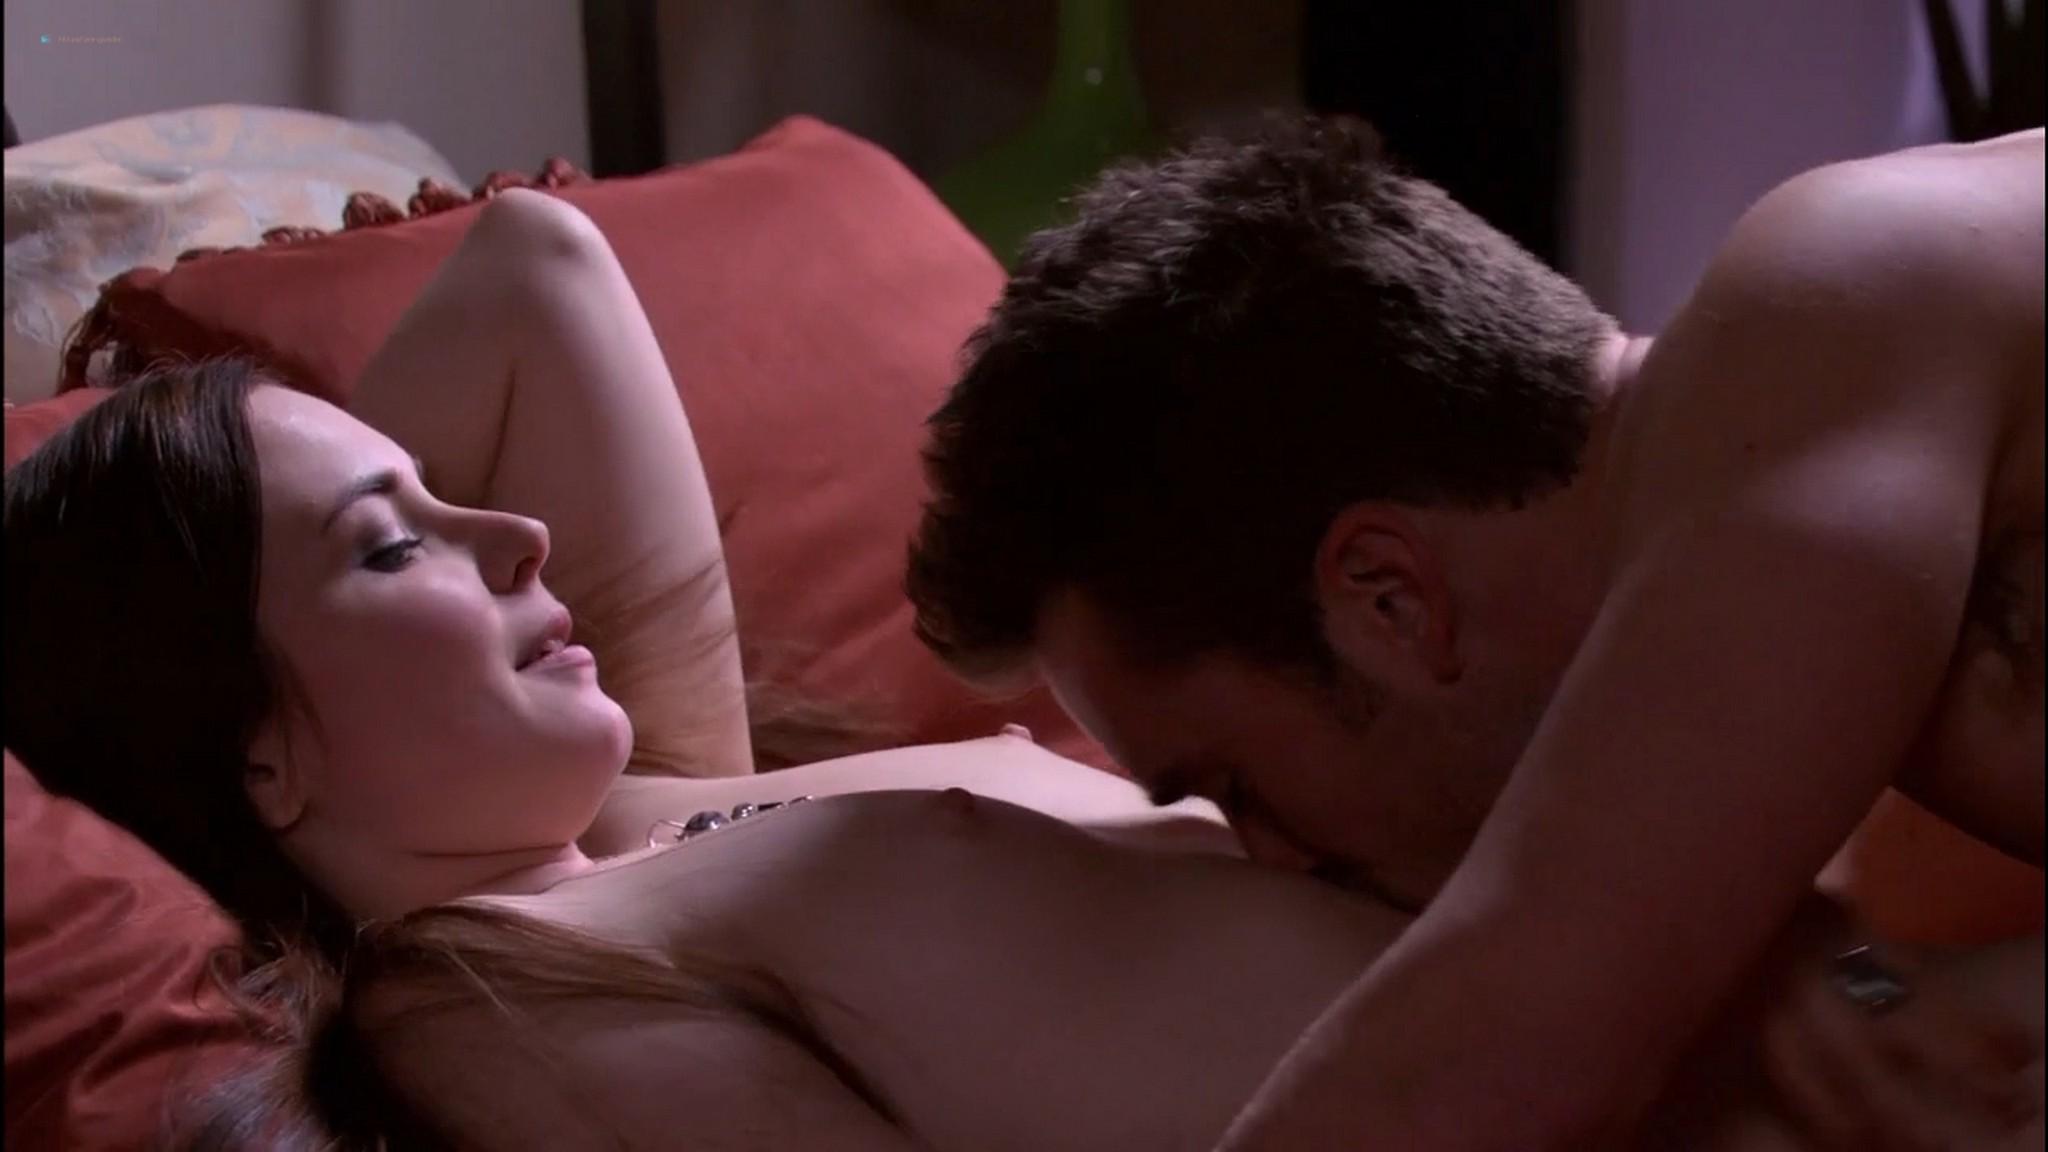 Lana Tailor nude sex Erin Brown Jennifer Korbin all nude sex too Lingerie 2009 HD 720p 012